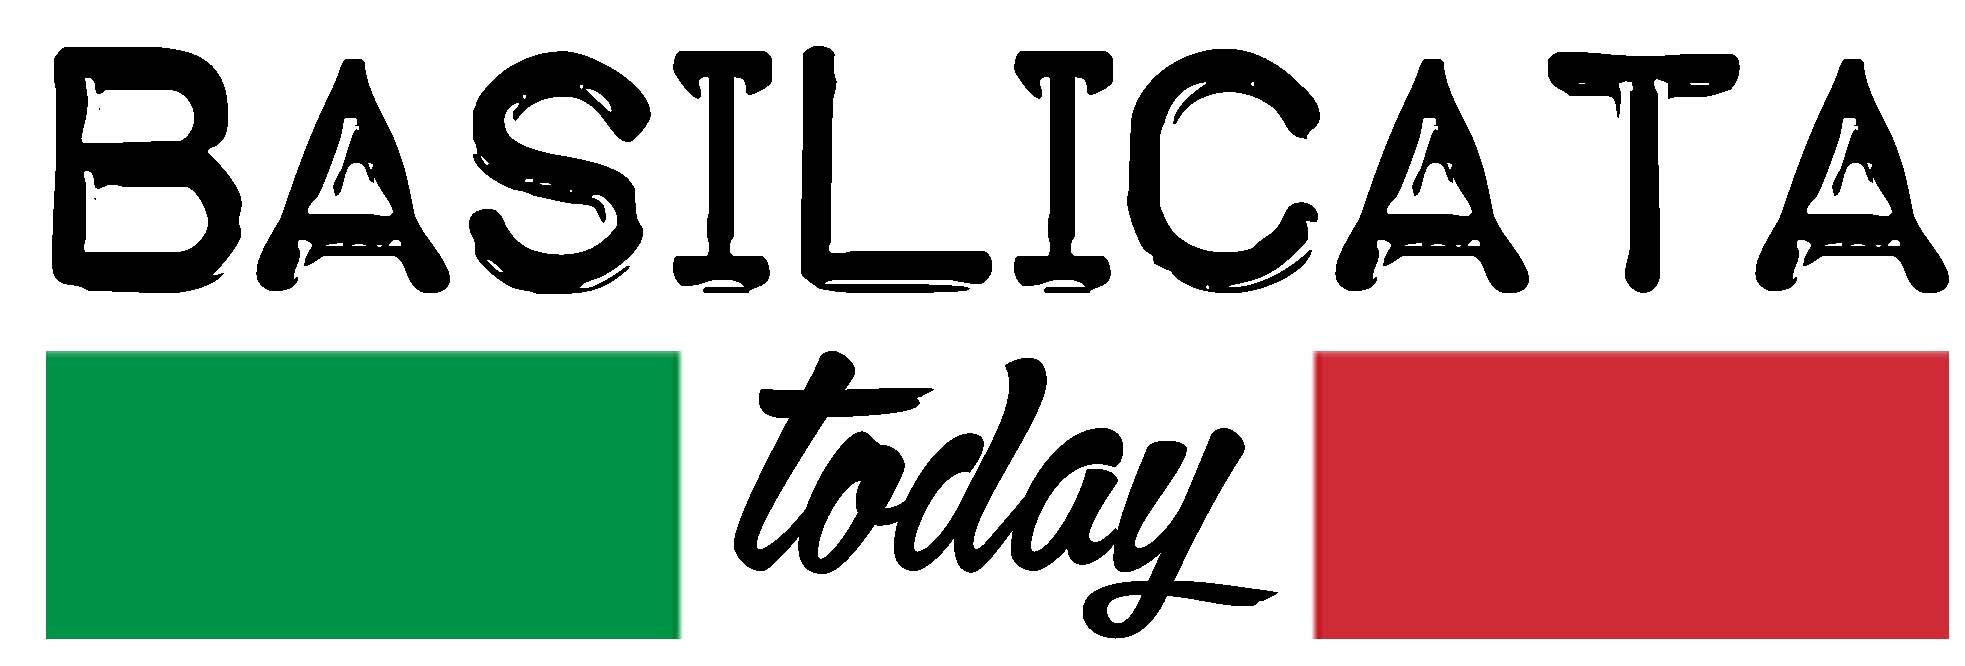 Basilicata Today: Al via il nuovo progetto editoriale